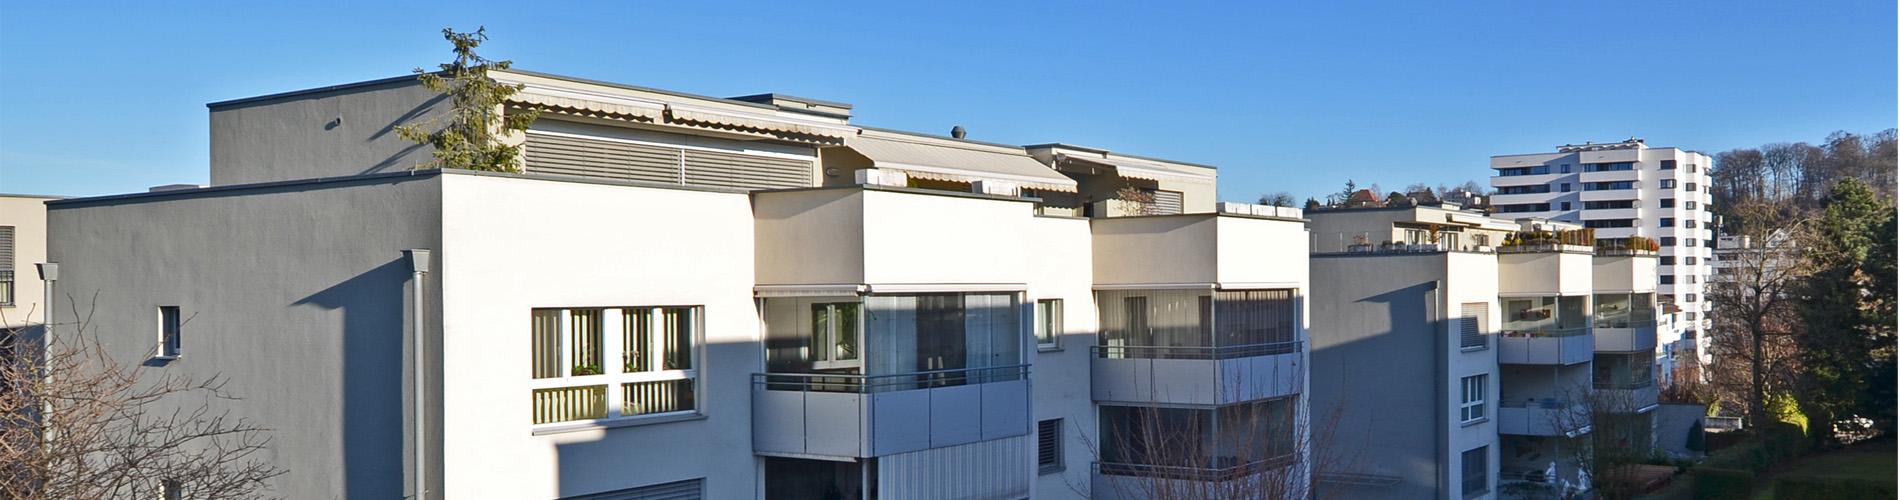 Moderne 4.5-Zi'-Eigentumswohnung in Binningen